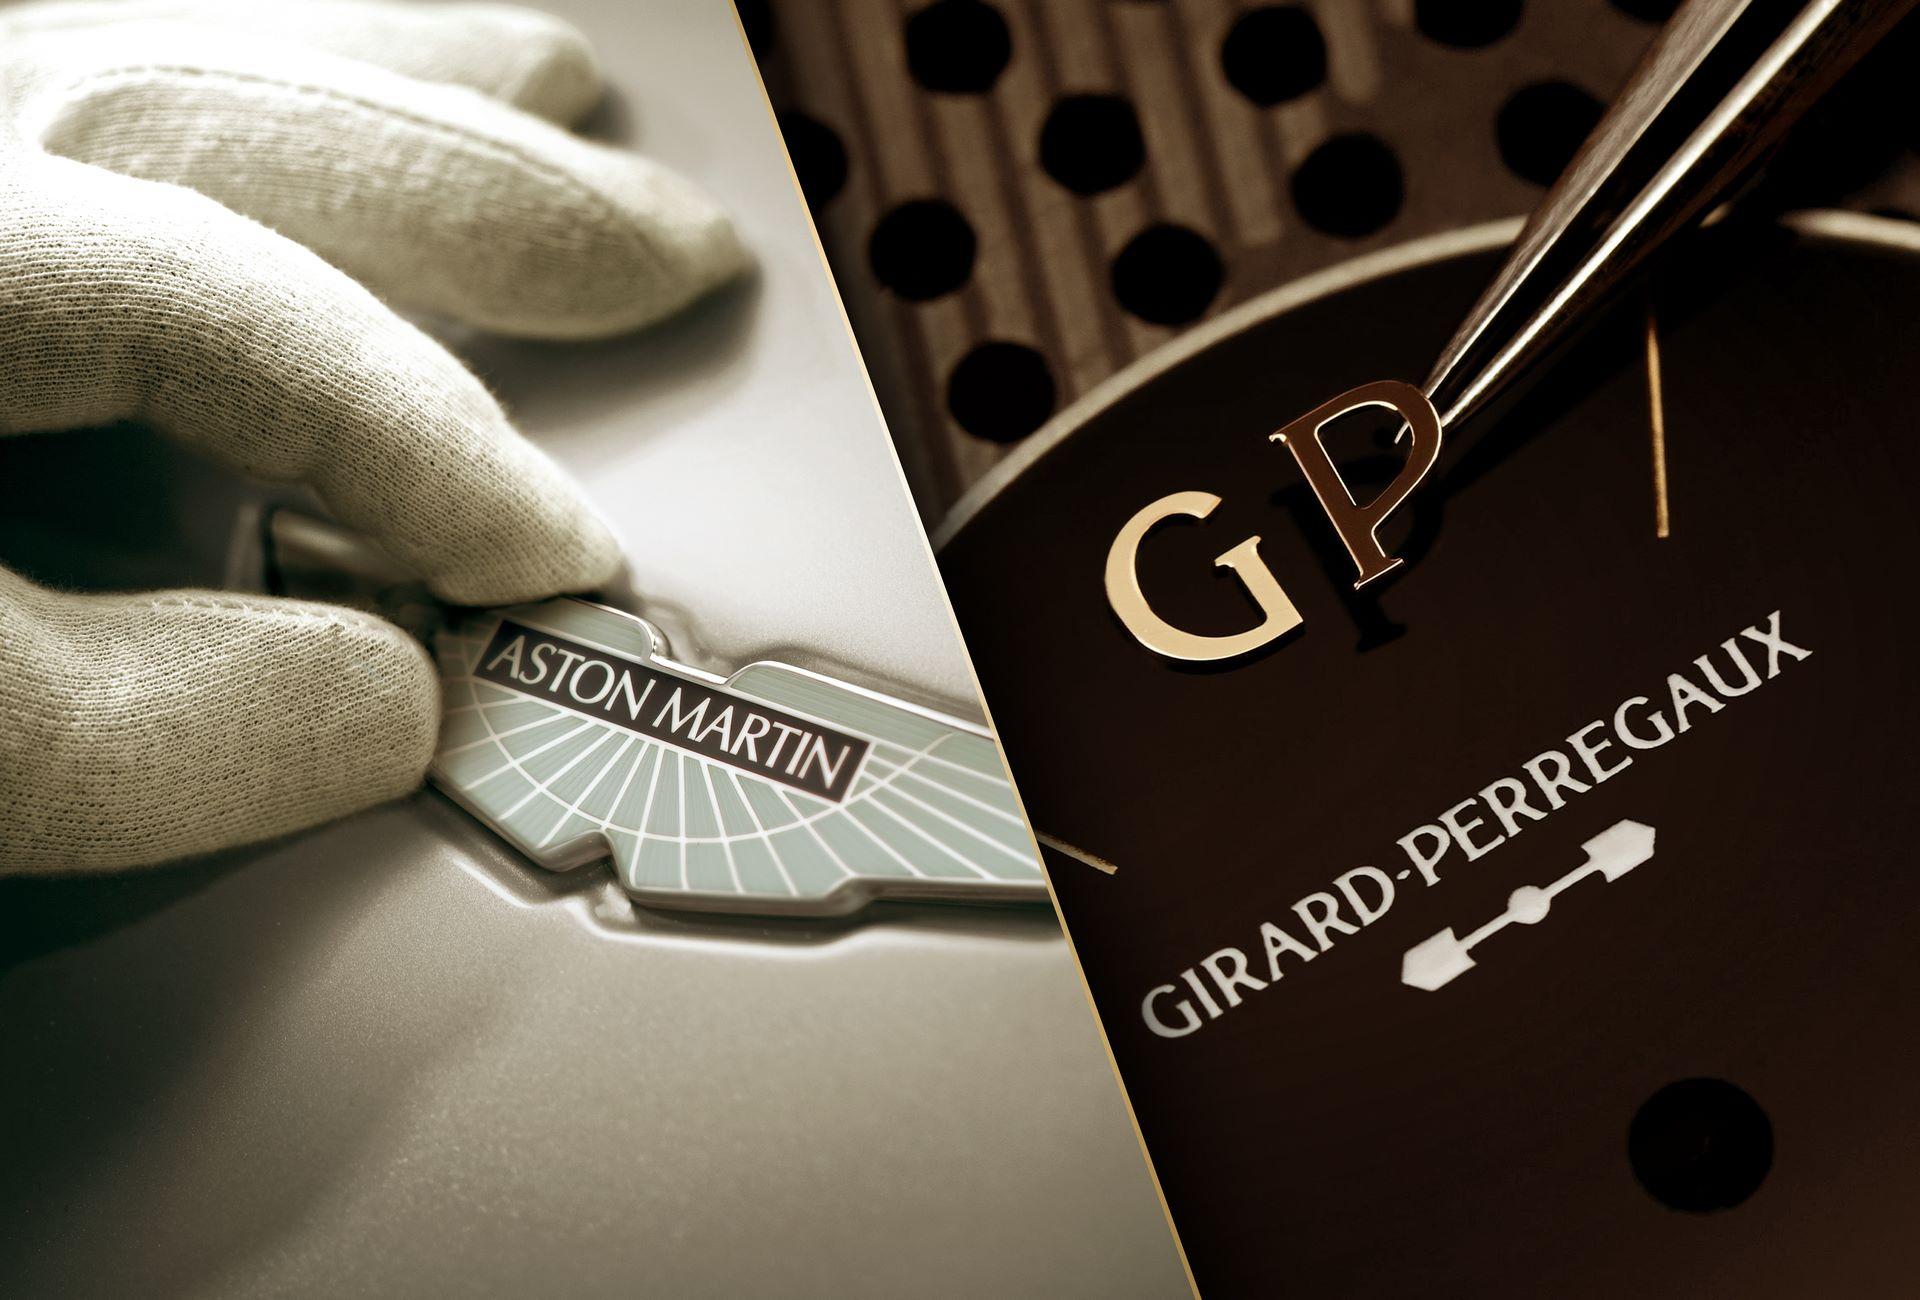 Girard-Perregaux-Tourbillon-with-Three-Flying-Bridges-–-Aston-Martin-Edition-21